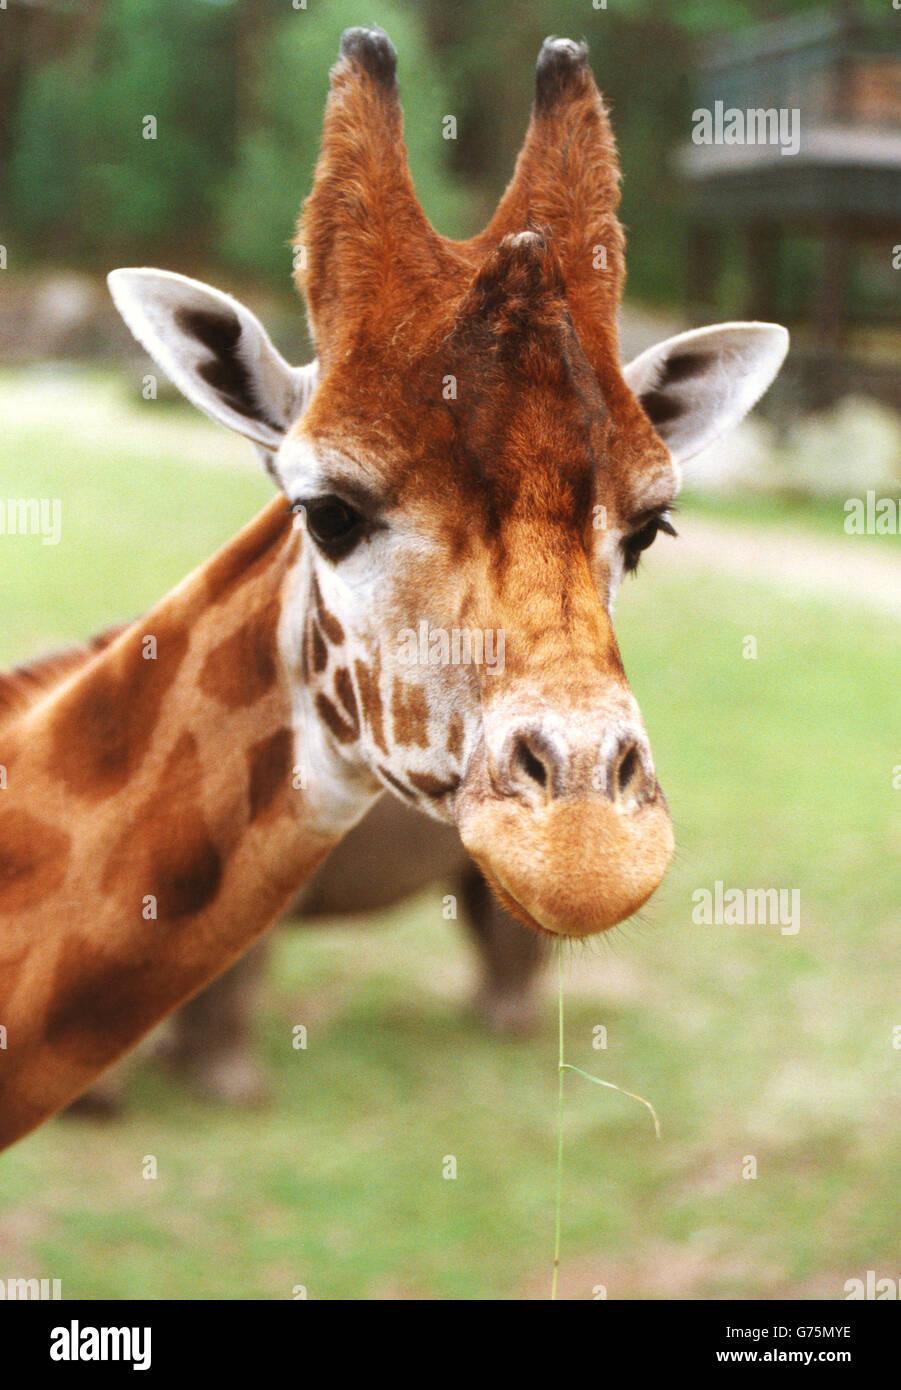 Girafe au zoo Photo Stock